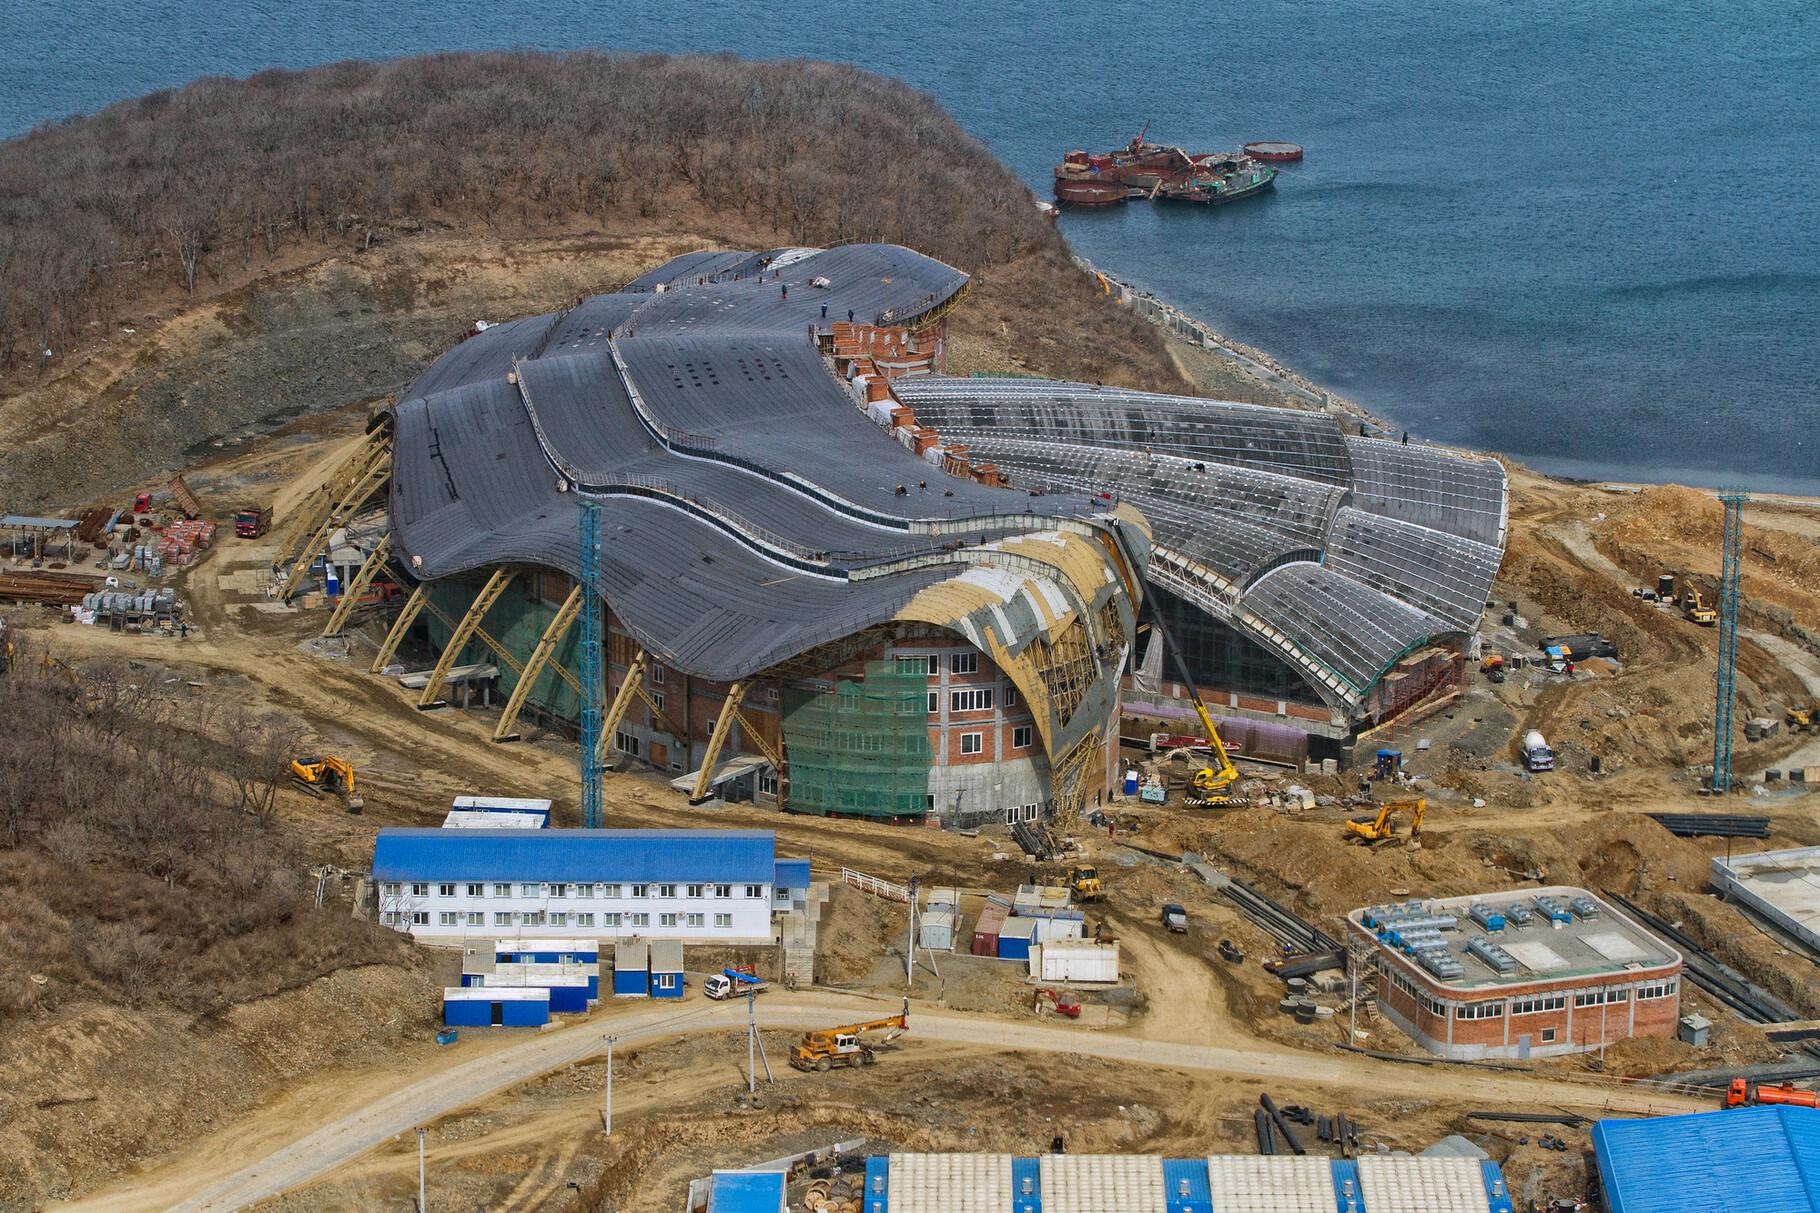 Vladivostok Oceanarium (ru) : Primorsky Oceanarium construction updates